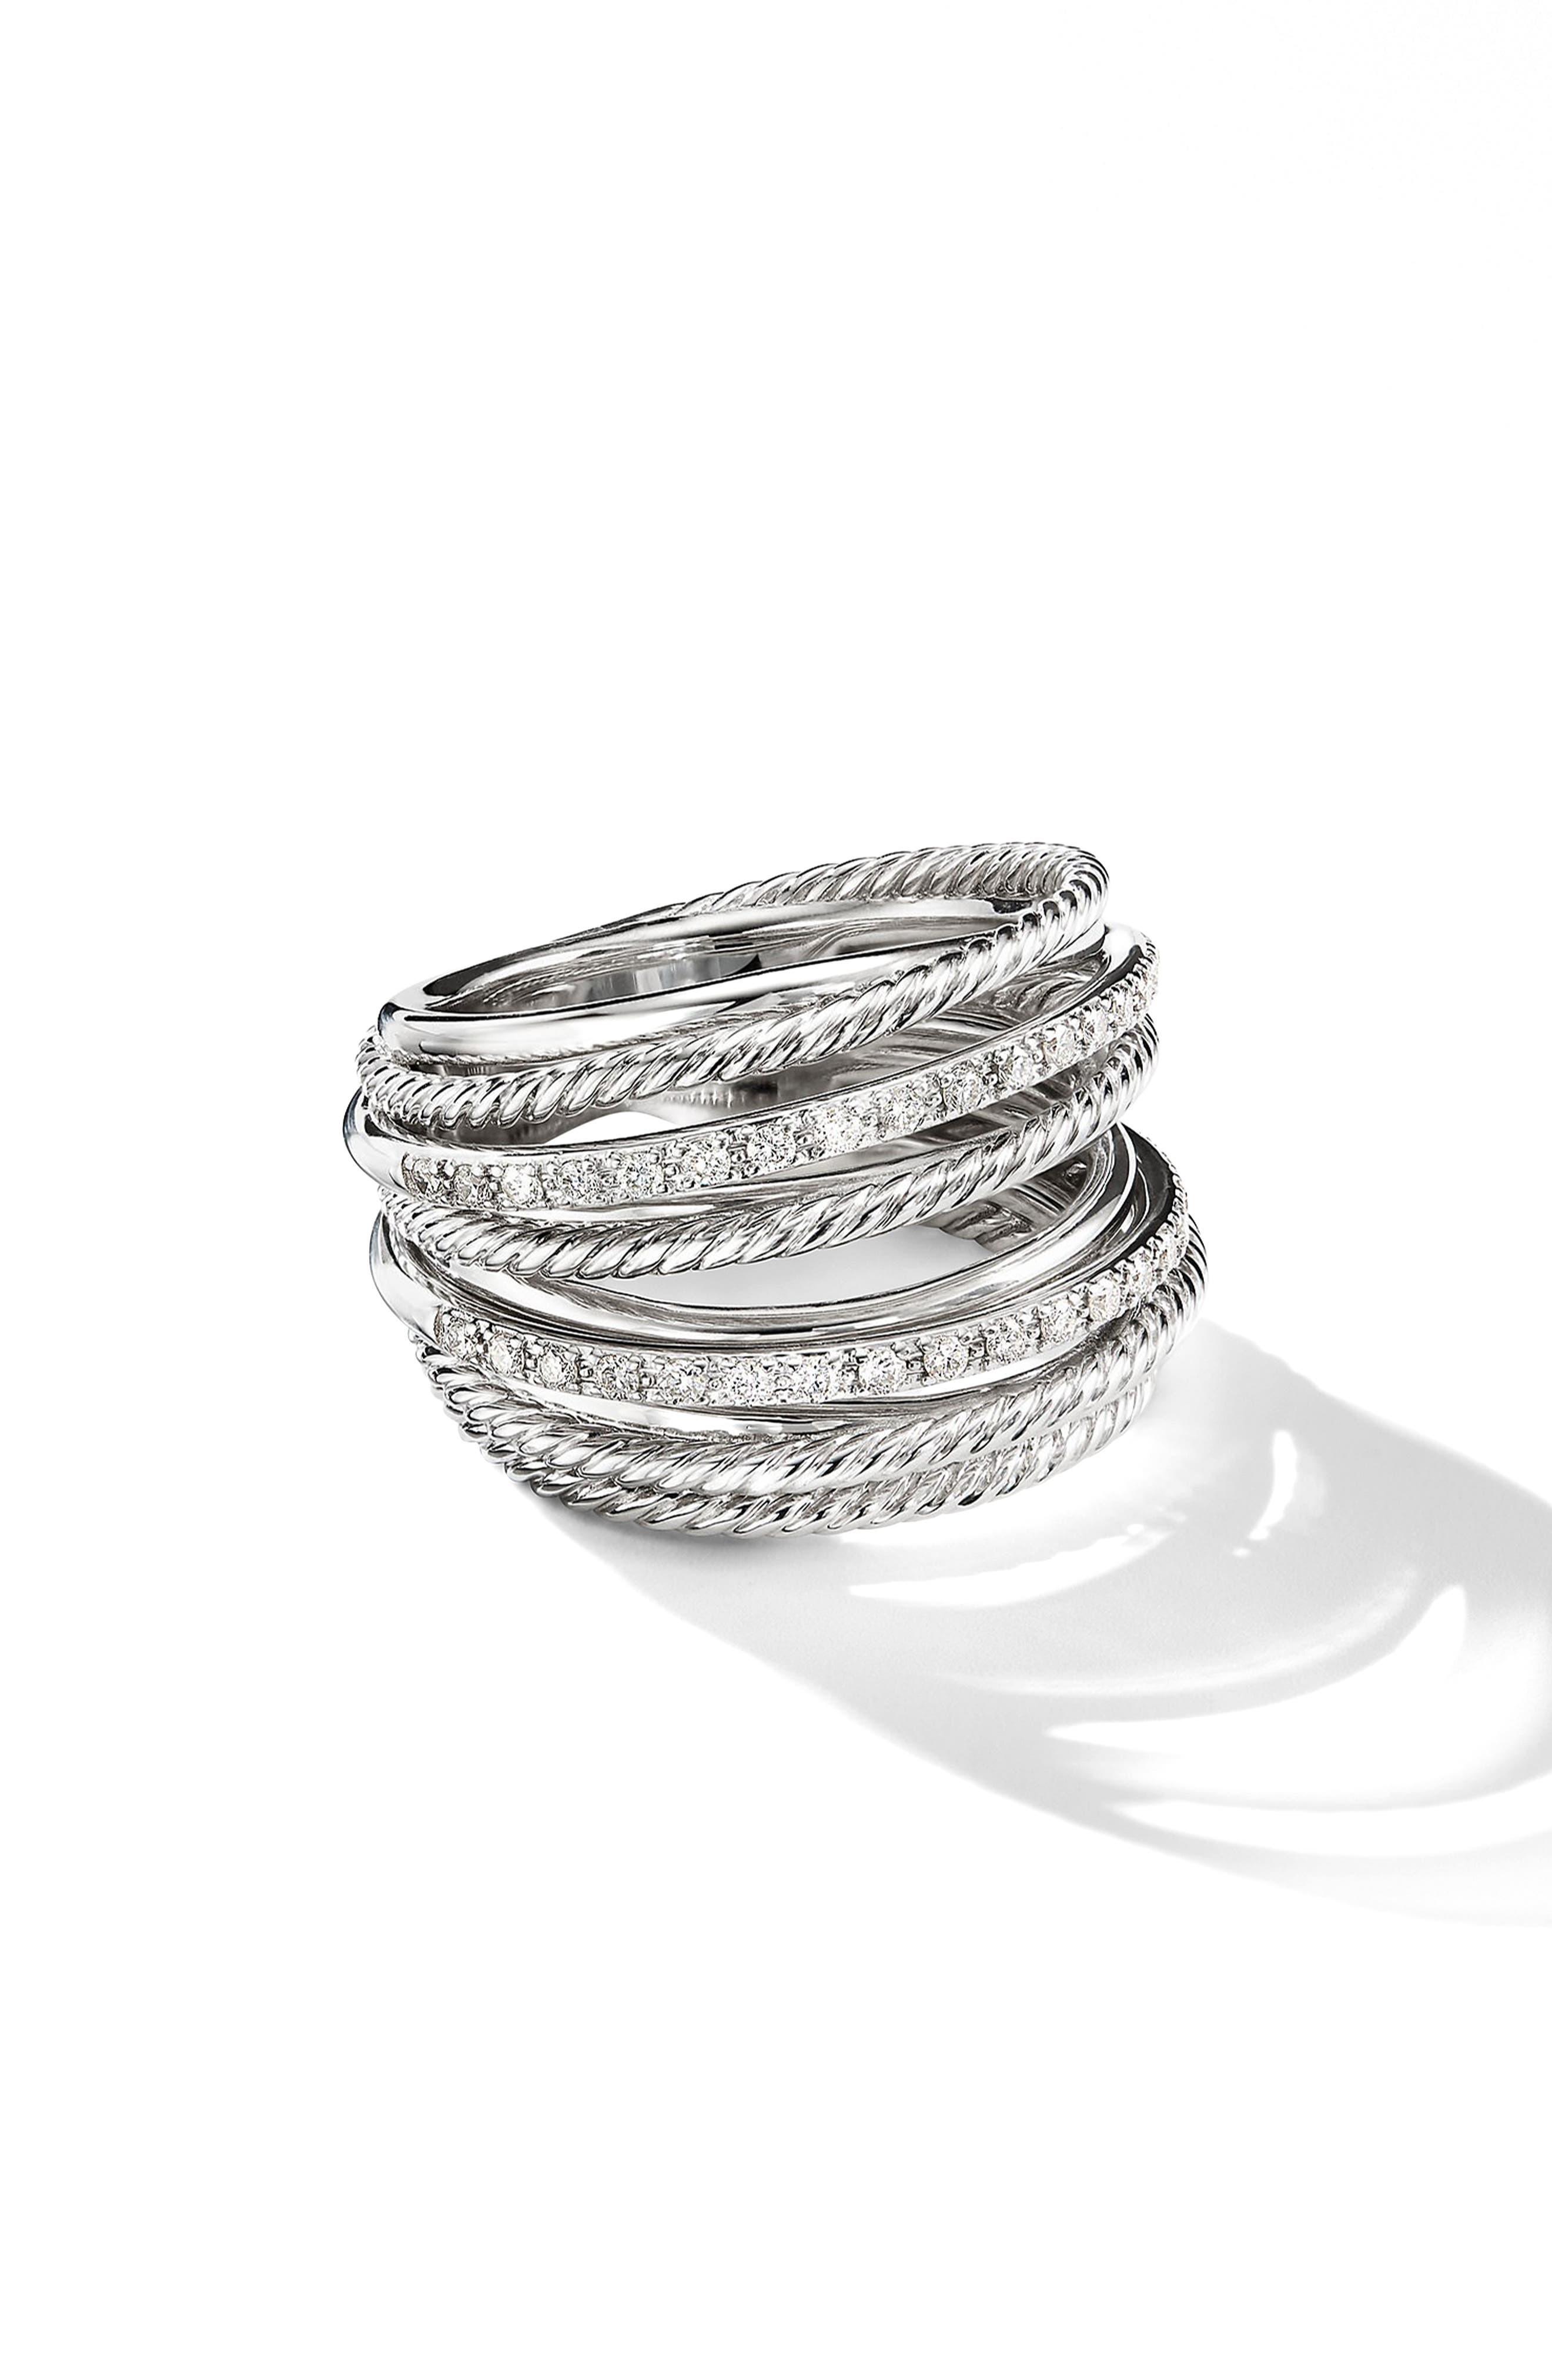 DAVID YURMAN, Wide Crossover Pavé Diamond Ring, Alternate thumbnail 2, color, SILVER/ DIAMOND